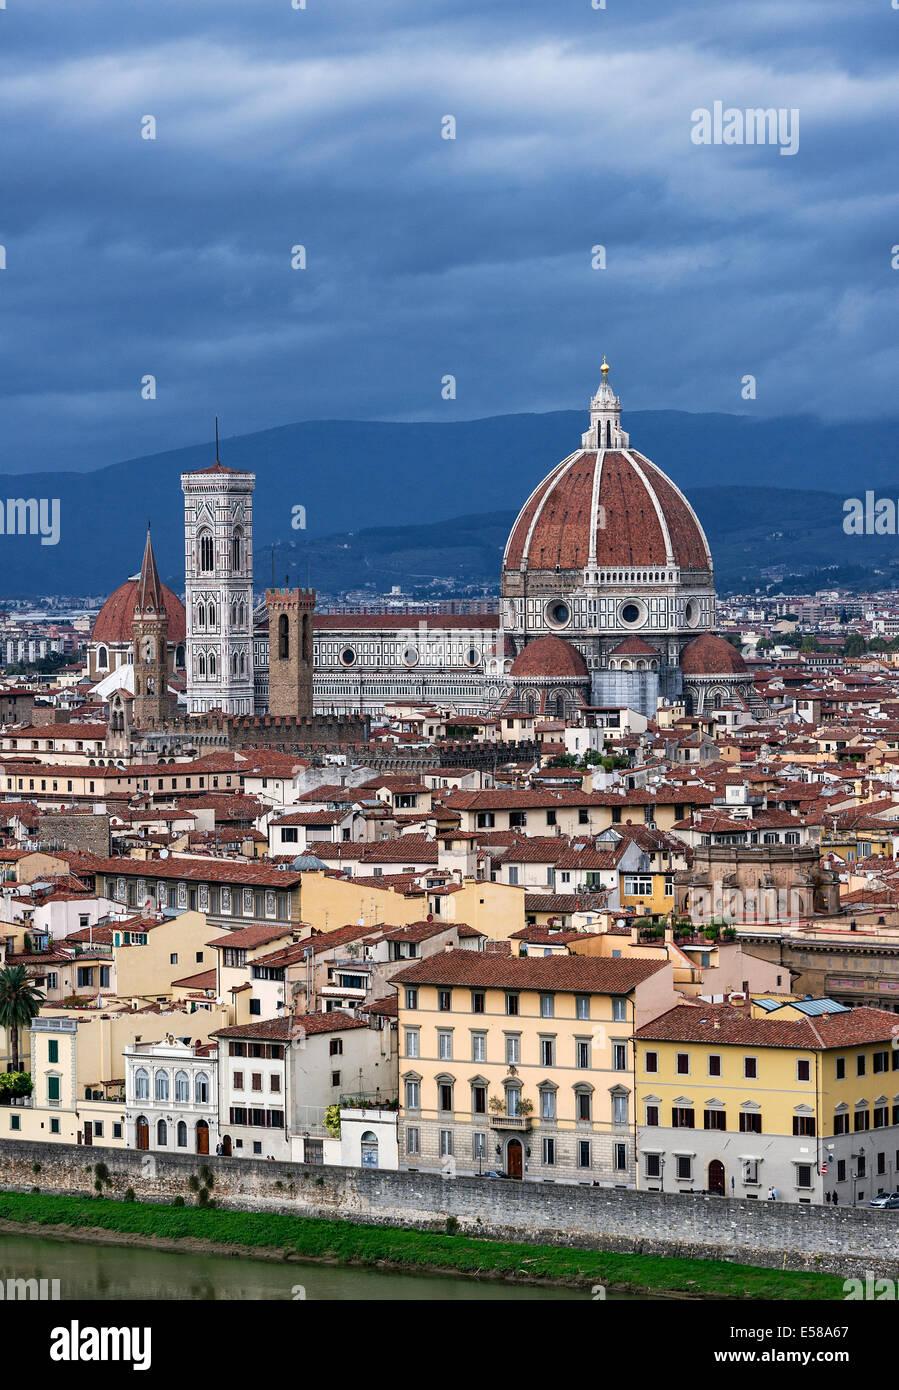 Vue de la ville et de la cathédrale architecture, Florence, Italie Photo Stock